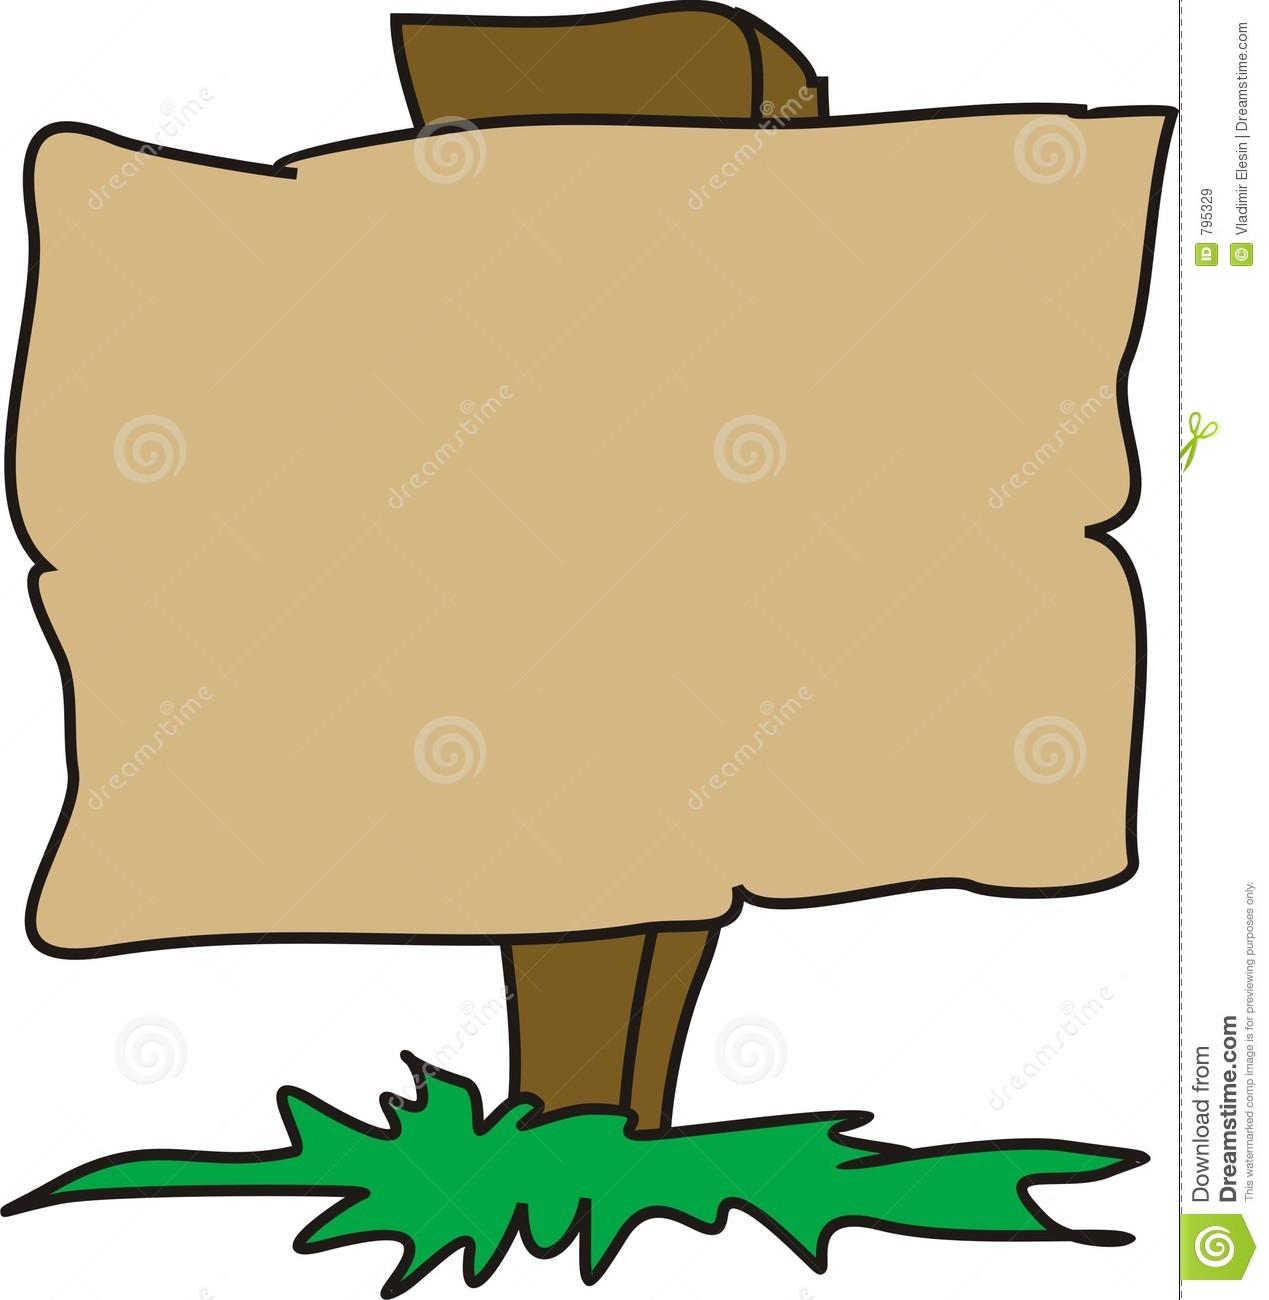 Sign Form Clipart Cliparthut Free Clipar-Sign Form Clipart Cliparthut Free Clipart-15